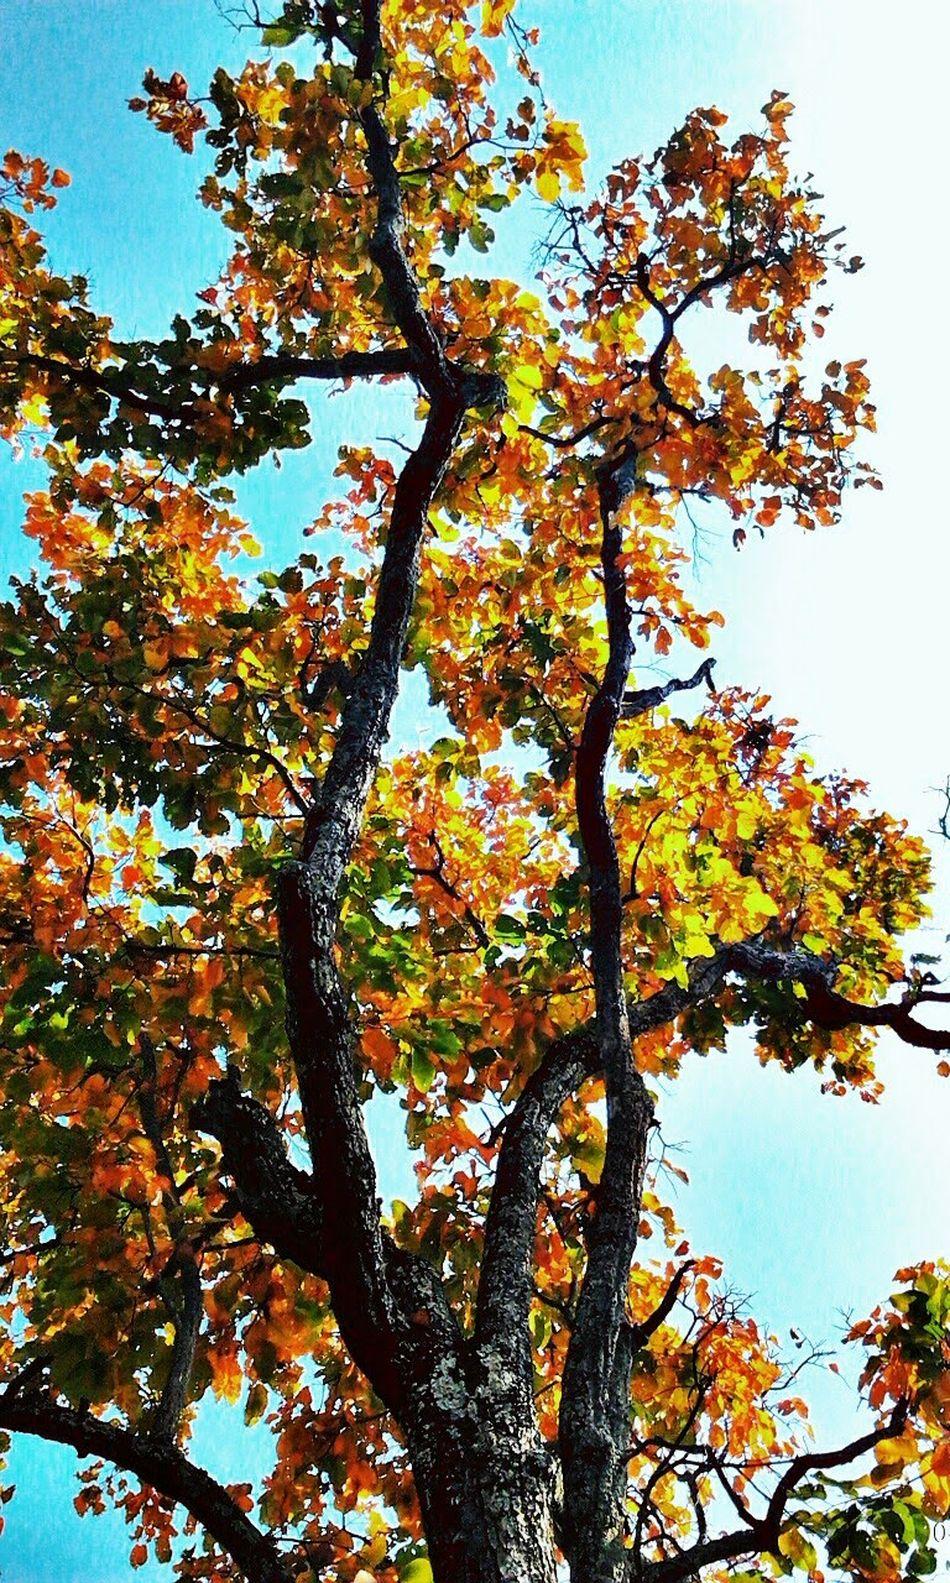 Seasonscollection Seasonchange Wild Trees